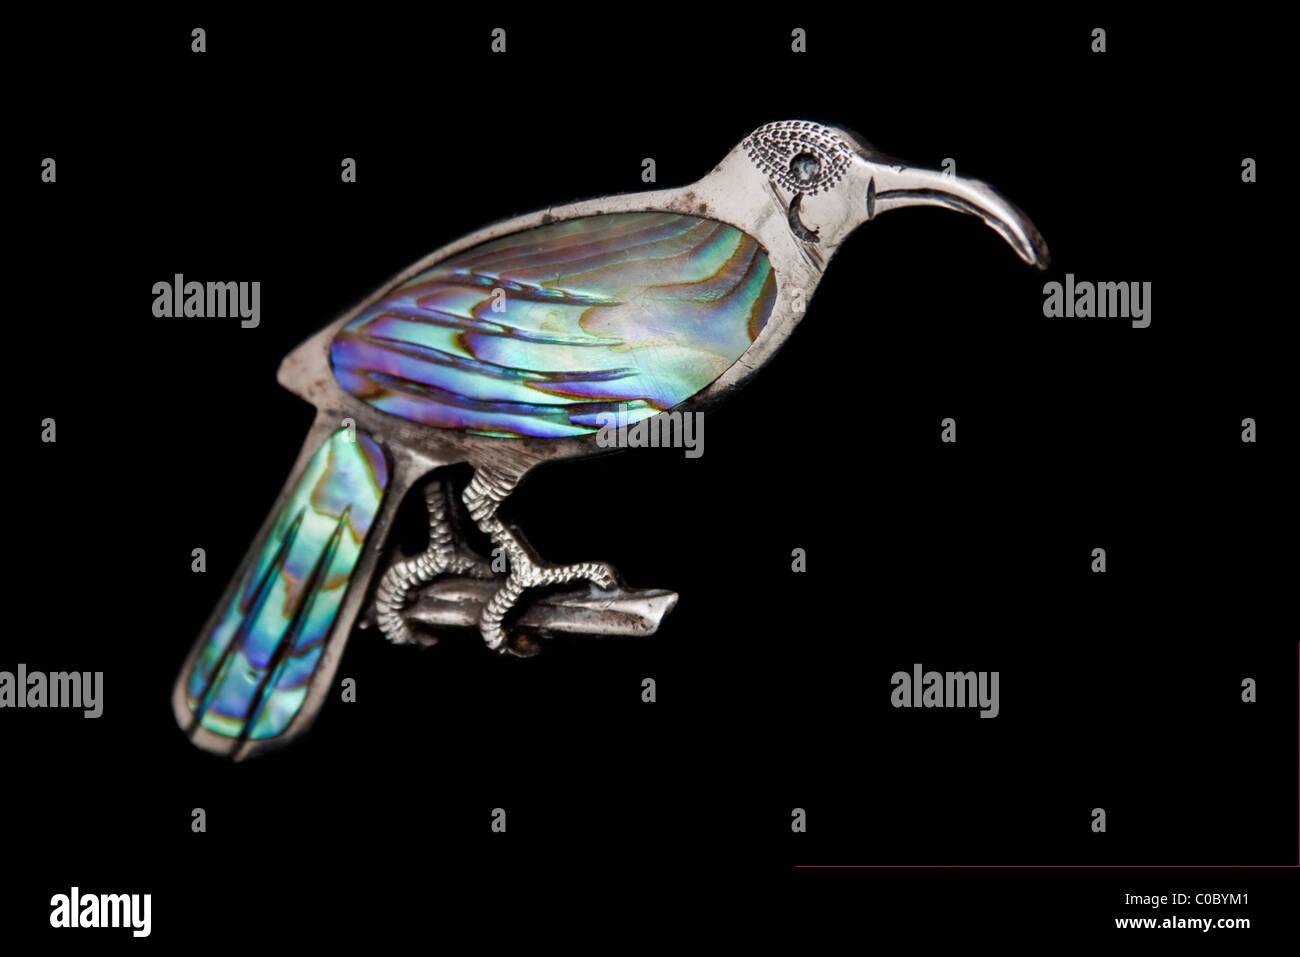 Broche en Argent Sterling Edwardian rare de l'oiseau Huia (maintenant disparu) de Nouvelle-Zélande Banque D'Images